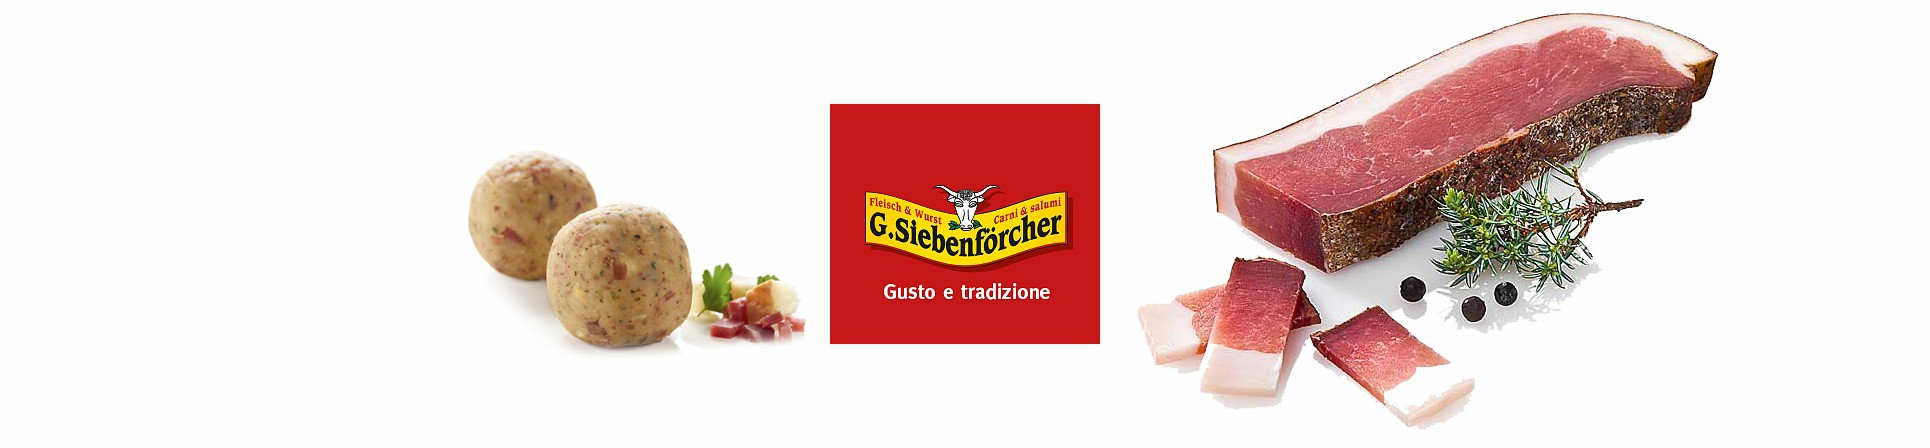 B2B GUSTOX - il Marketplace all'ingrosso delle eccellenze agroalimetari italiane